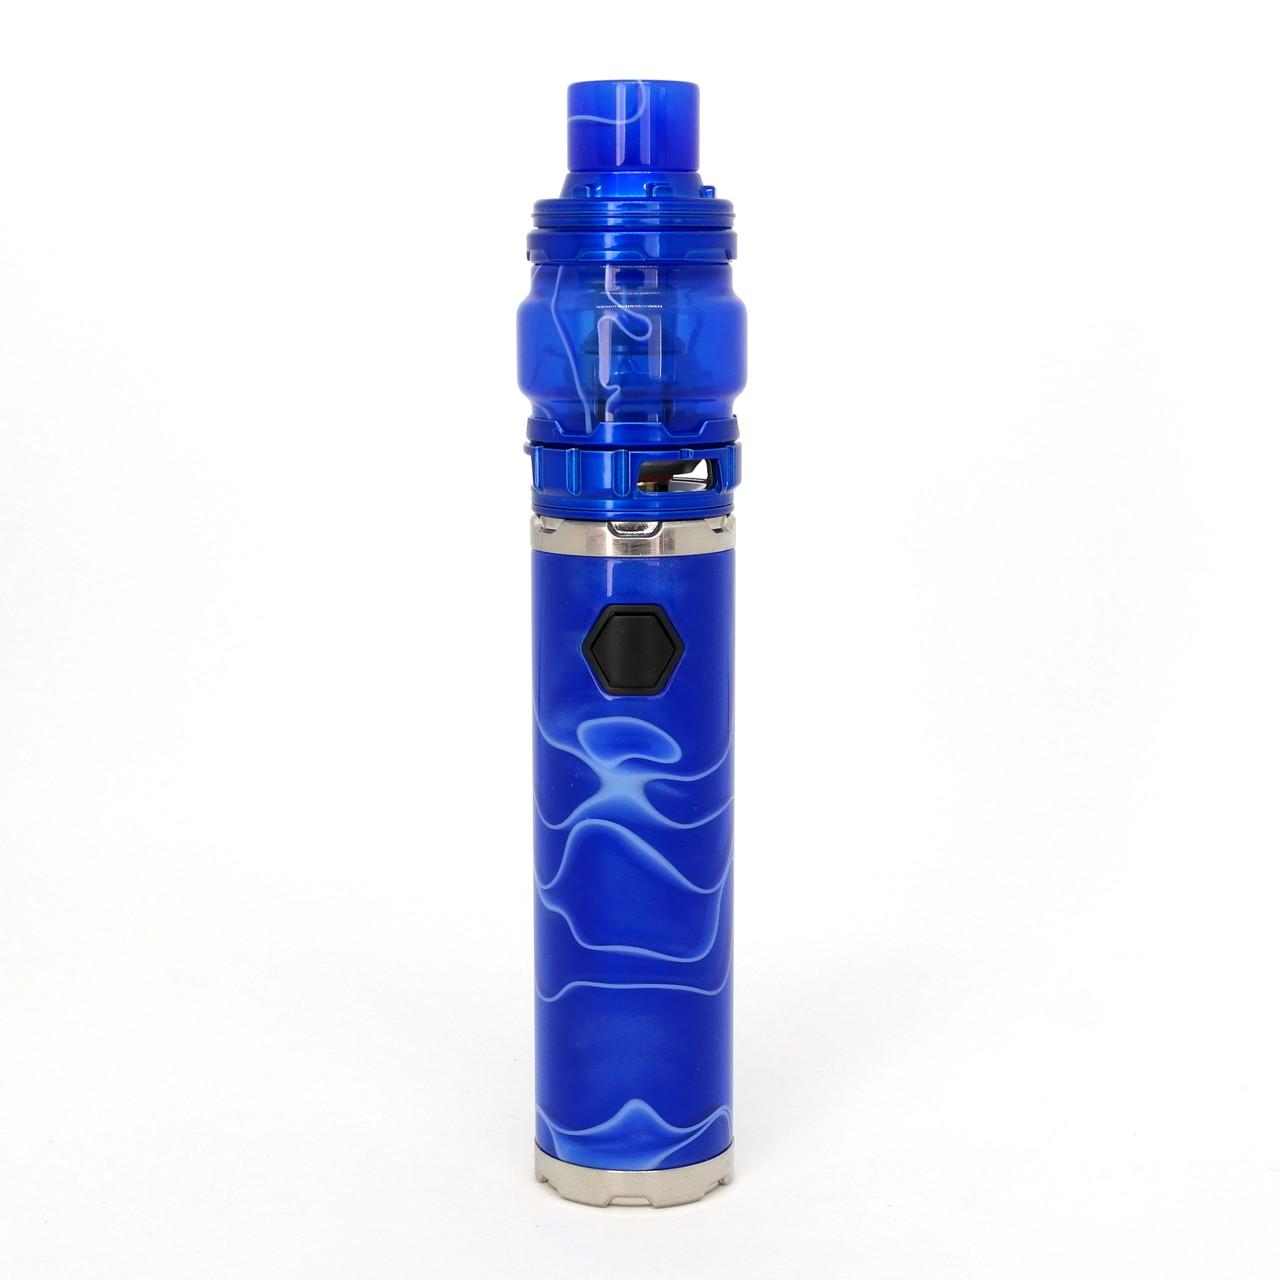 Стартовый набор Eleaf Ijust 3 Acrylic Version Blue